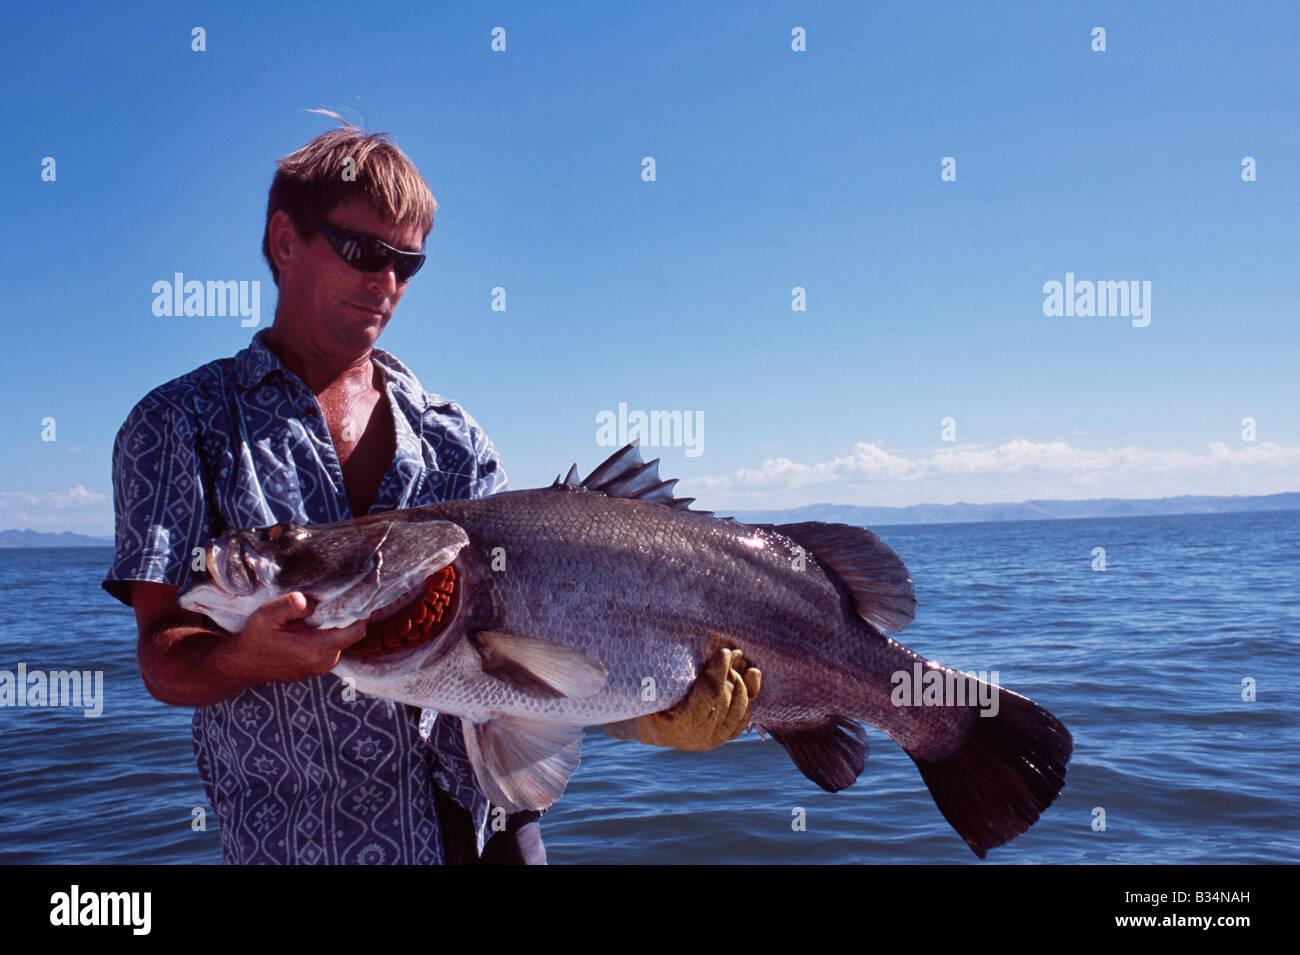 Kenya lake turkana fishing guide colin burch holds up for Fish at 30 lake